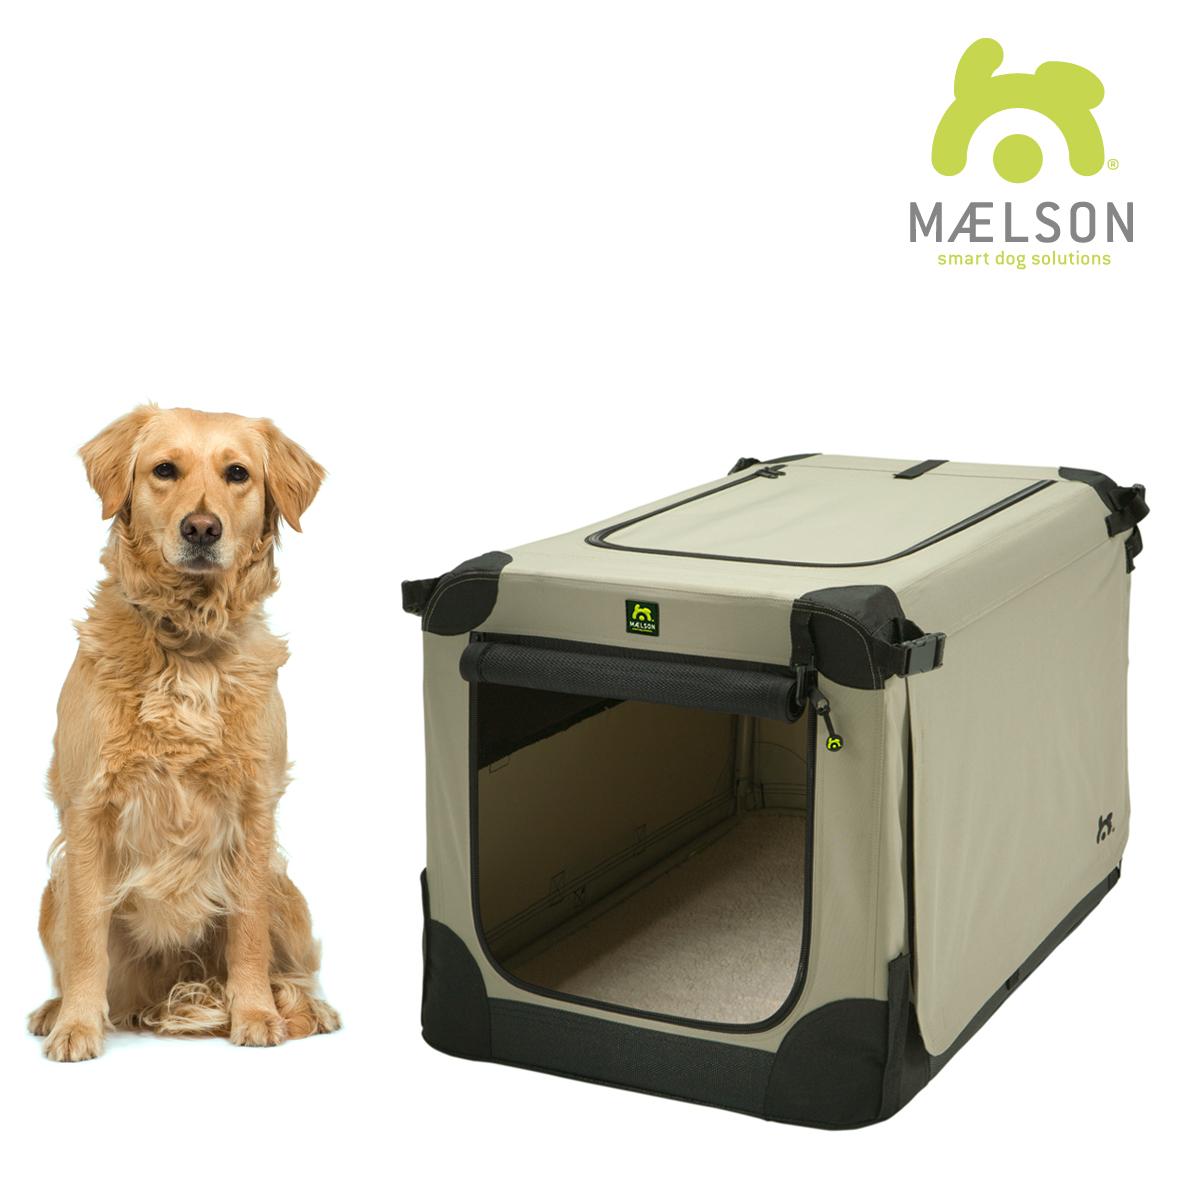 Přepravka pro psy Maelson - černo-béžová - XXL, 105x72x81 cm